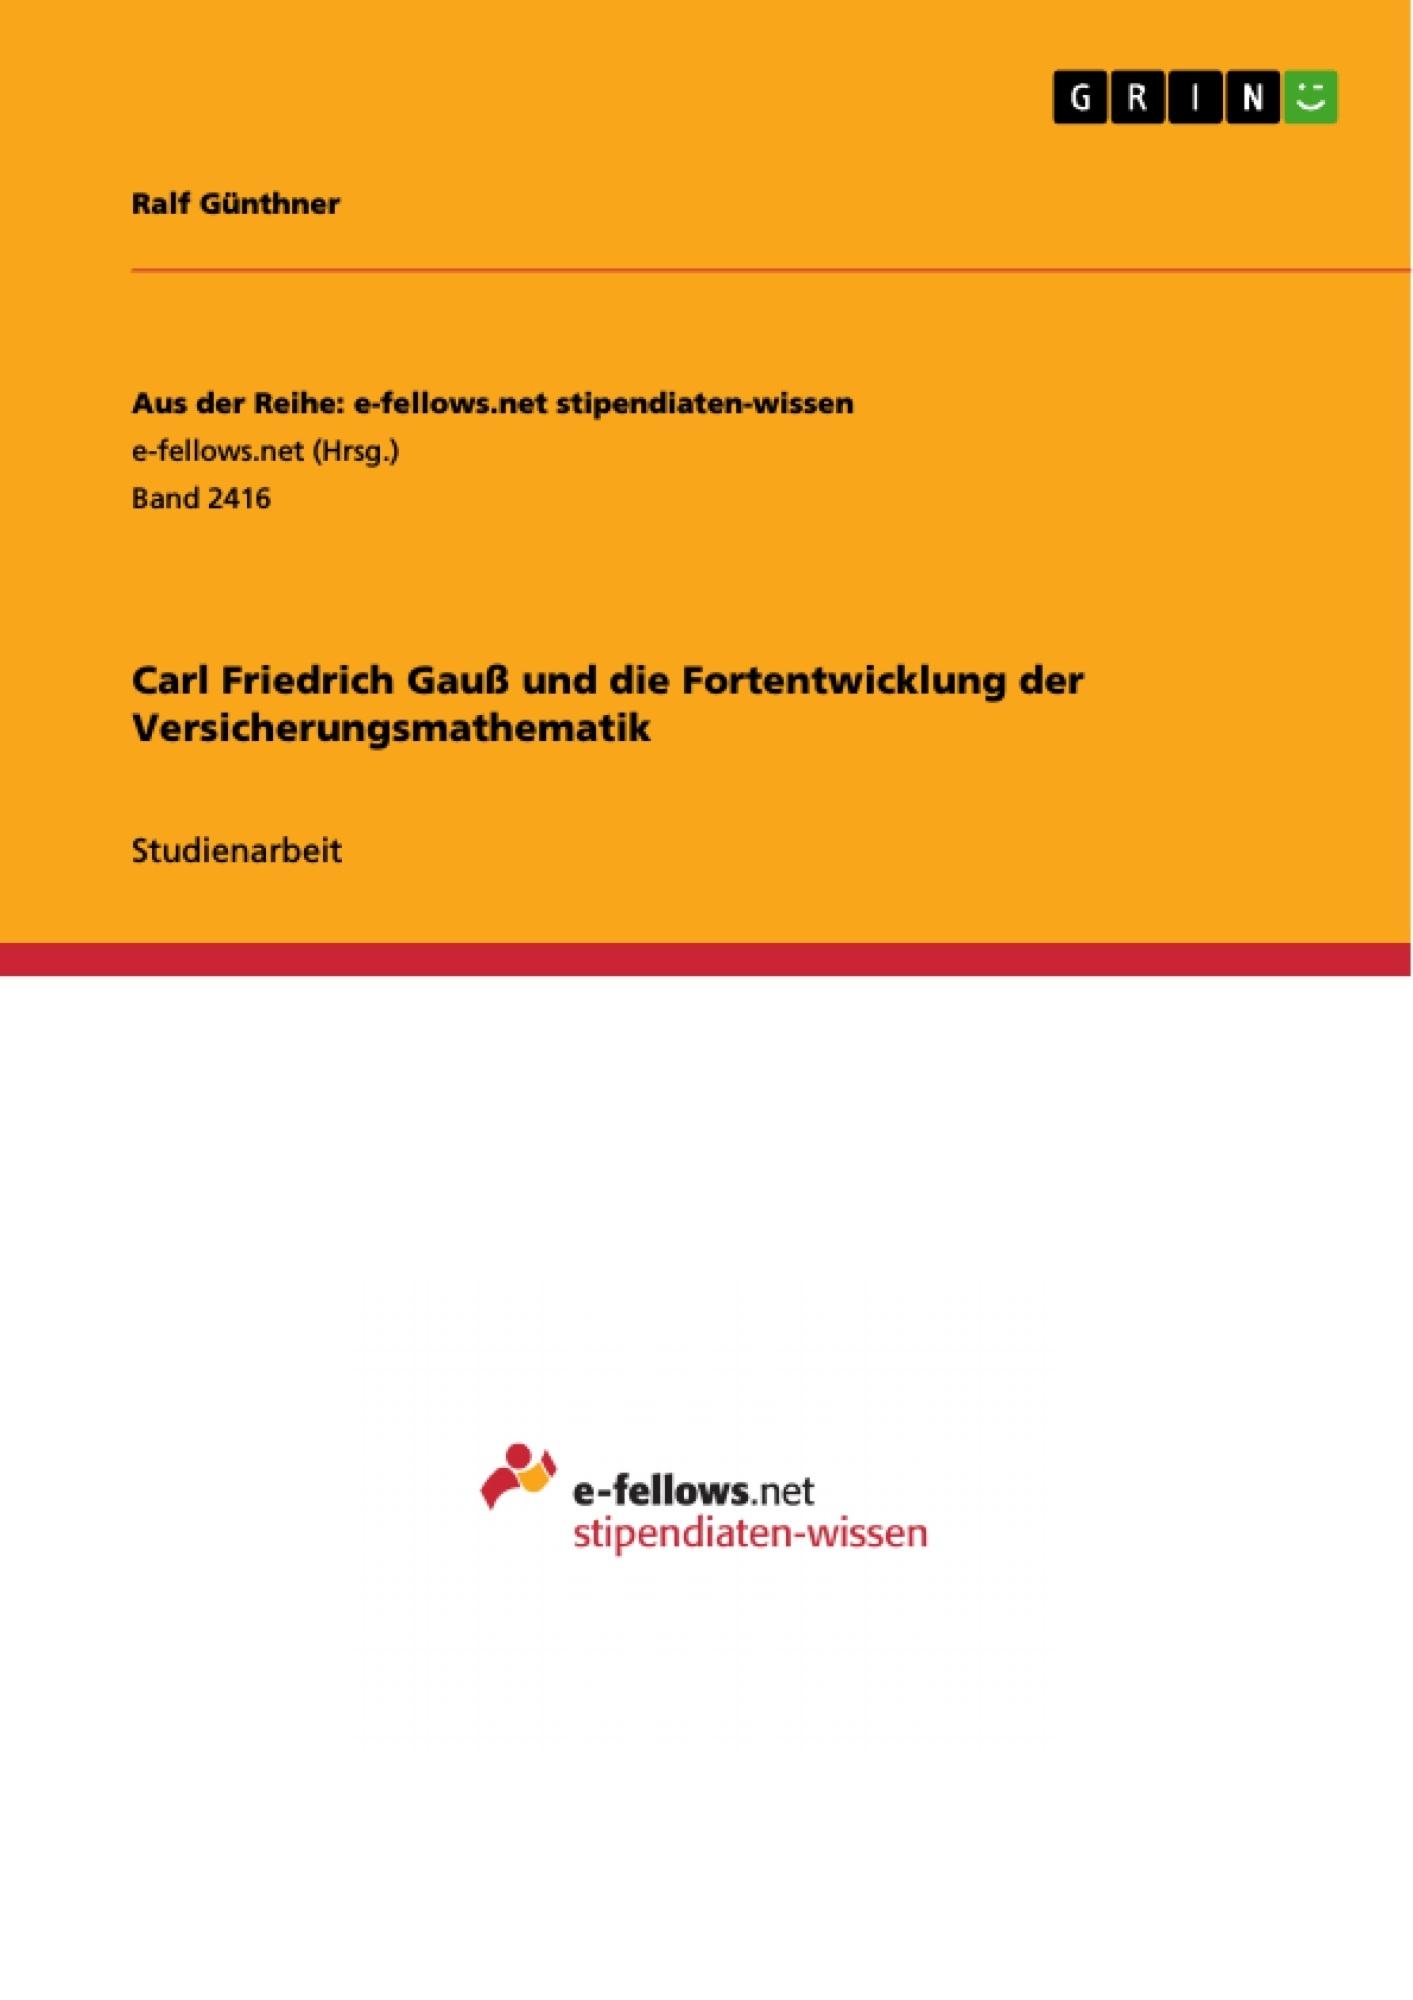 Titel: Carl Friedrich Gauß und die Fortentwicklung der Versicherungsmathematik